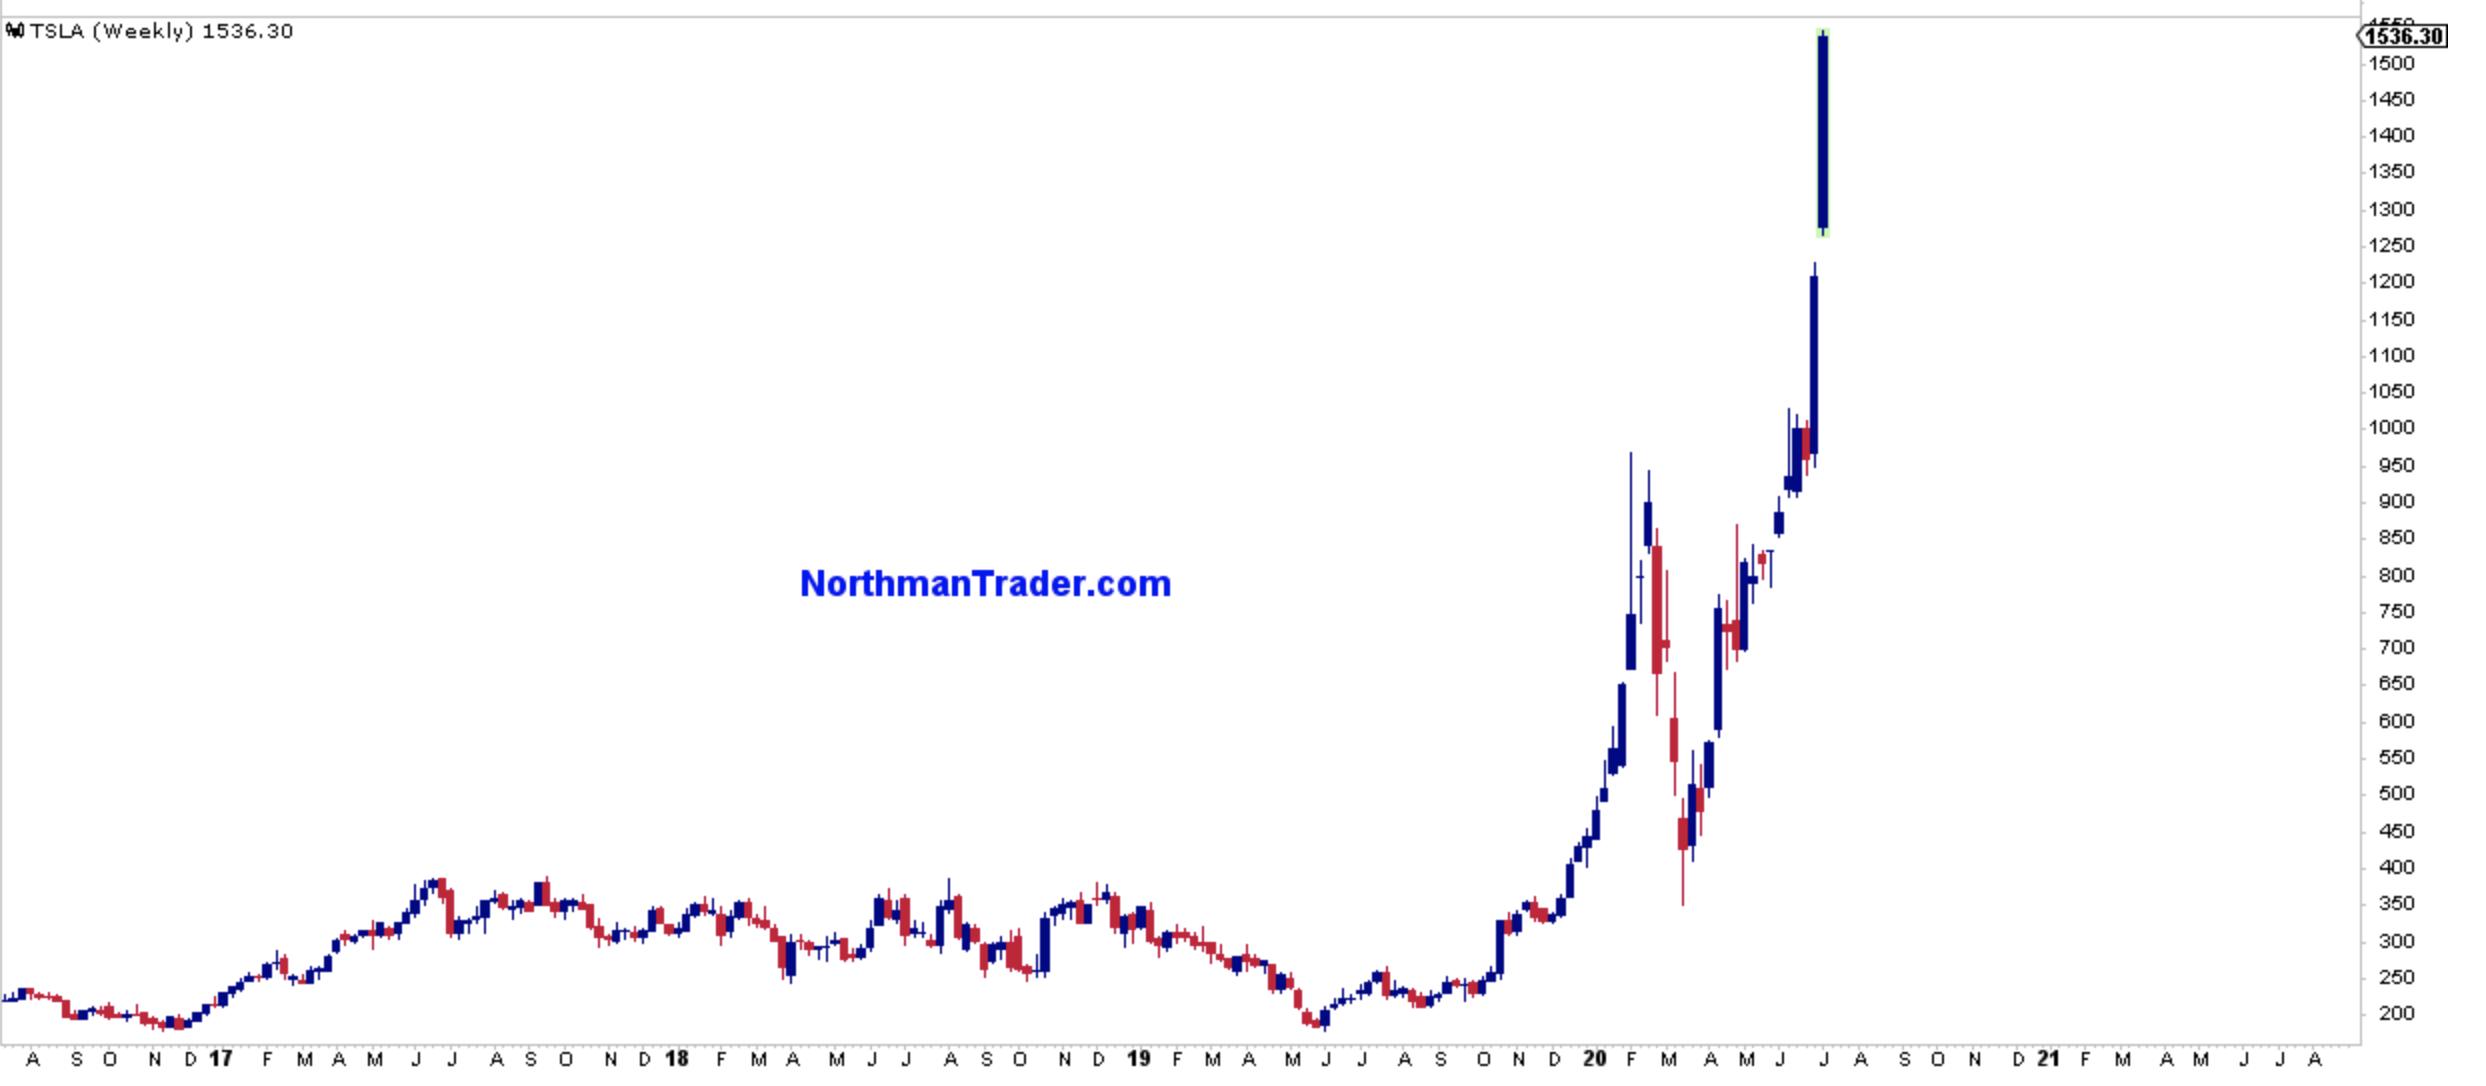 TSAL stock chart